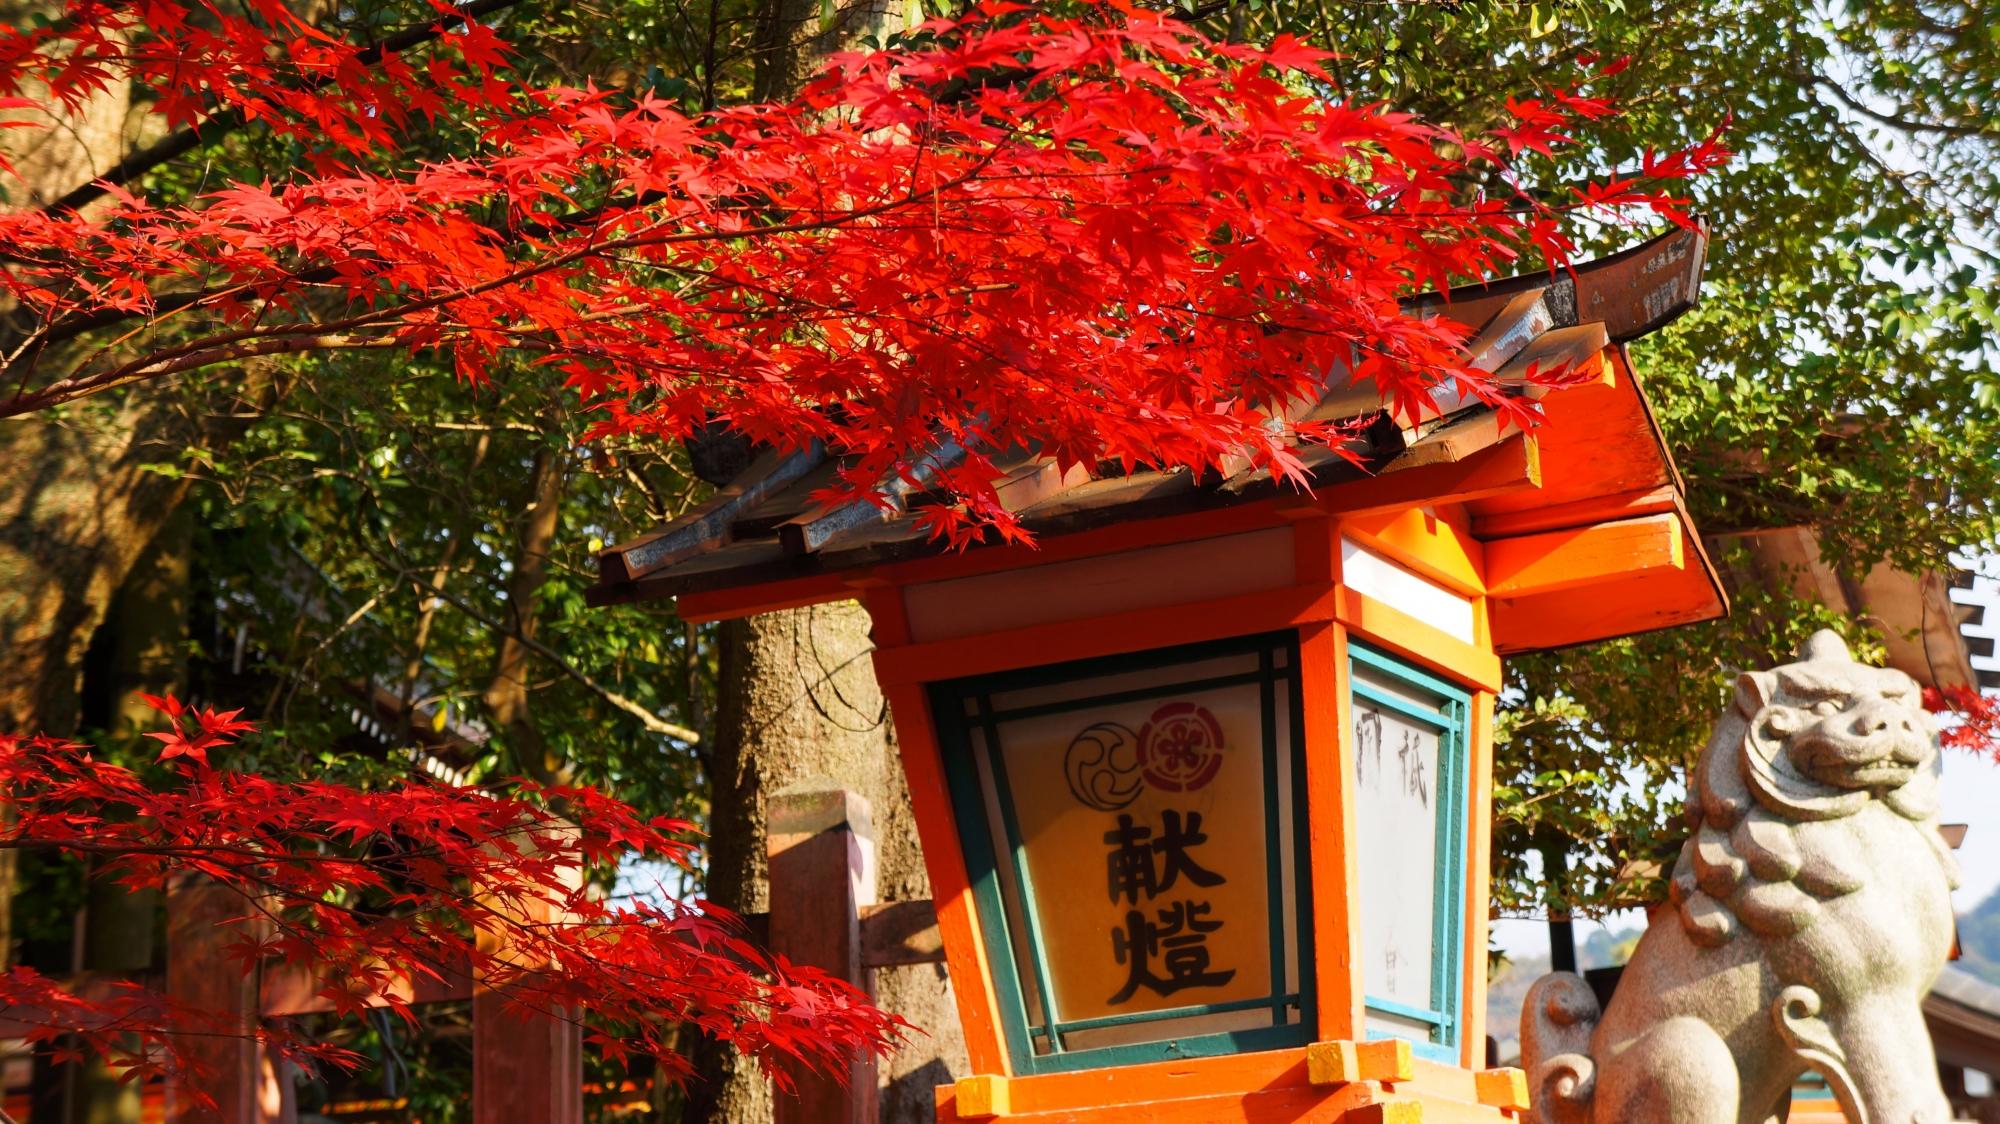 八坂神社の大国主社前の紅葉